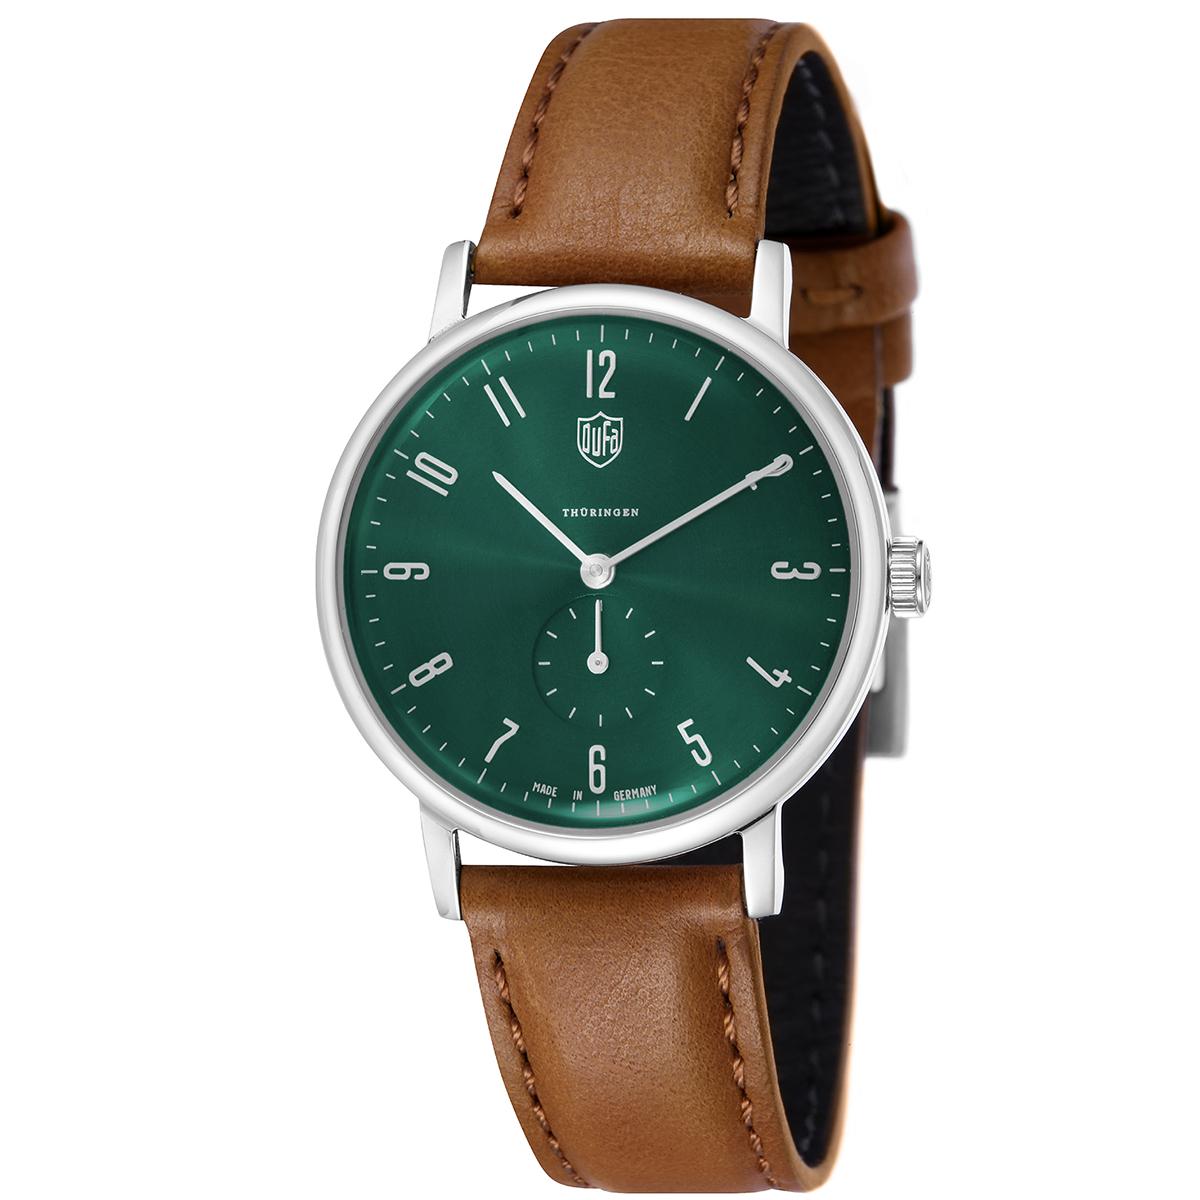 【全品送料無料】 DUFA ドゥッファ DF-7001-0M WALTER GROPIUS レディース 時計 腕時計 プレゼント 贈り物 ギフト ドイツ バウハウス[あす楽]